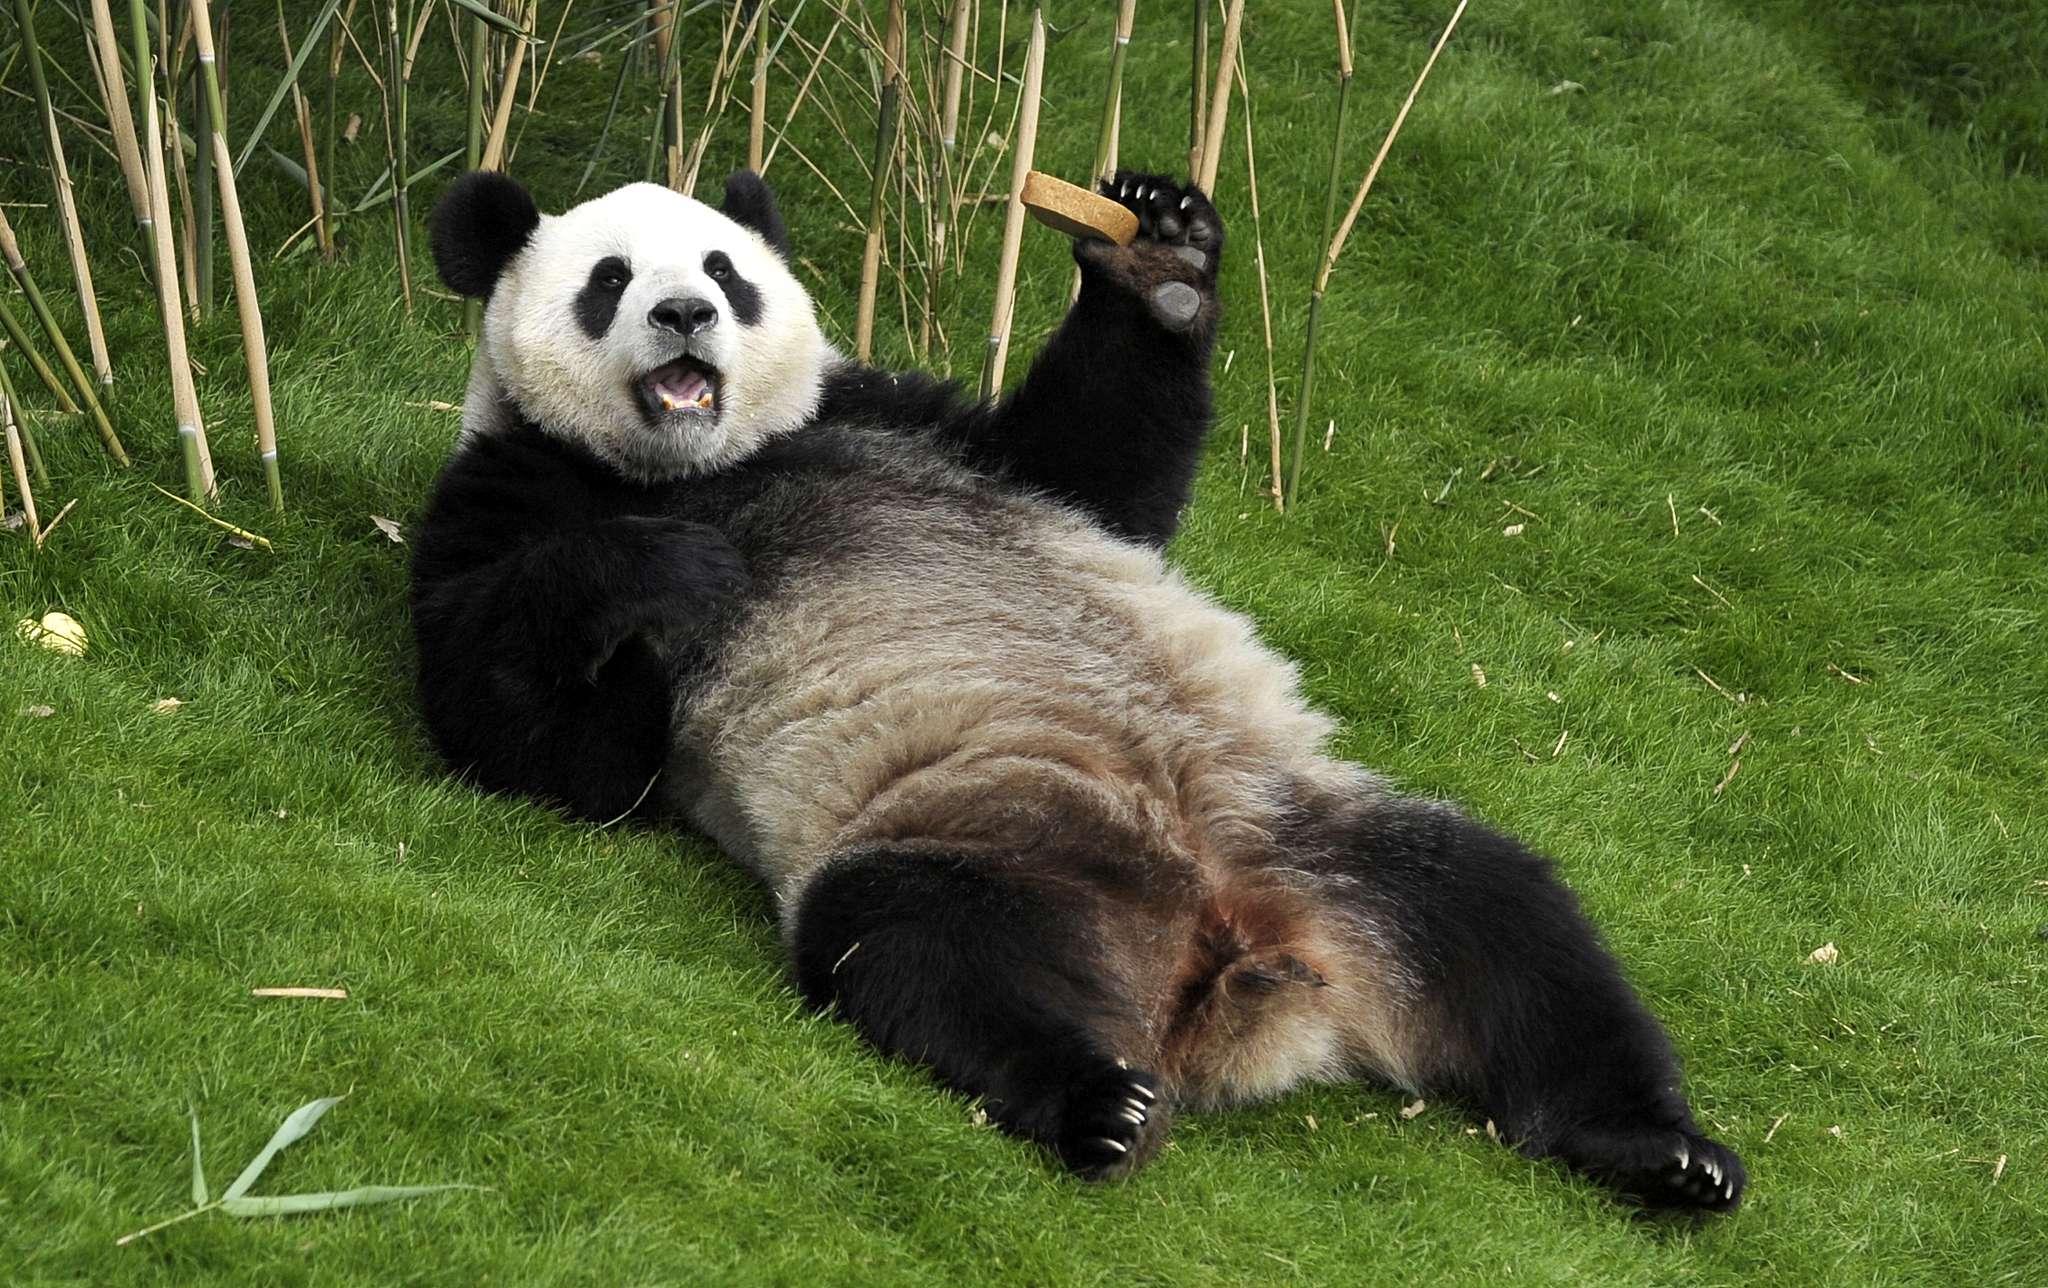 Панда прикол картинка, днем строителя прикольные